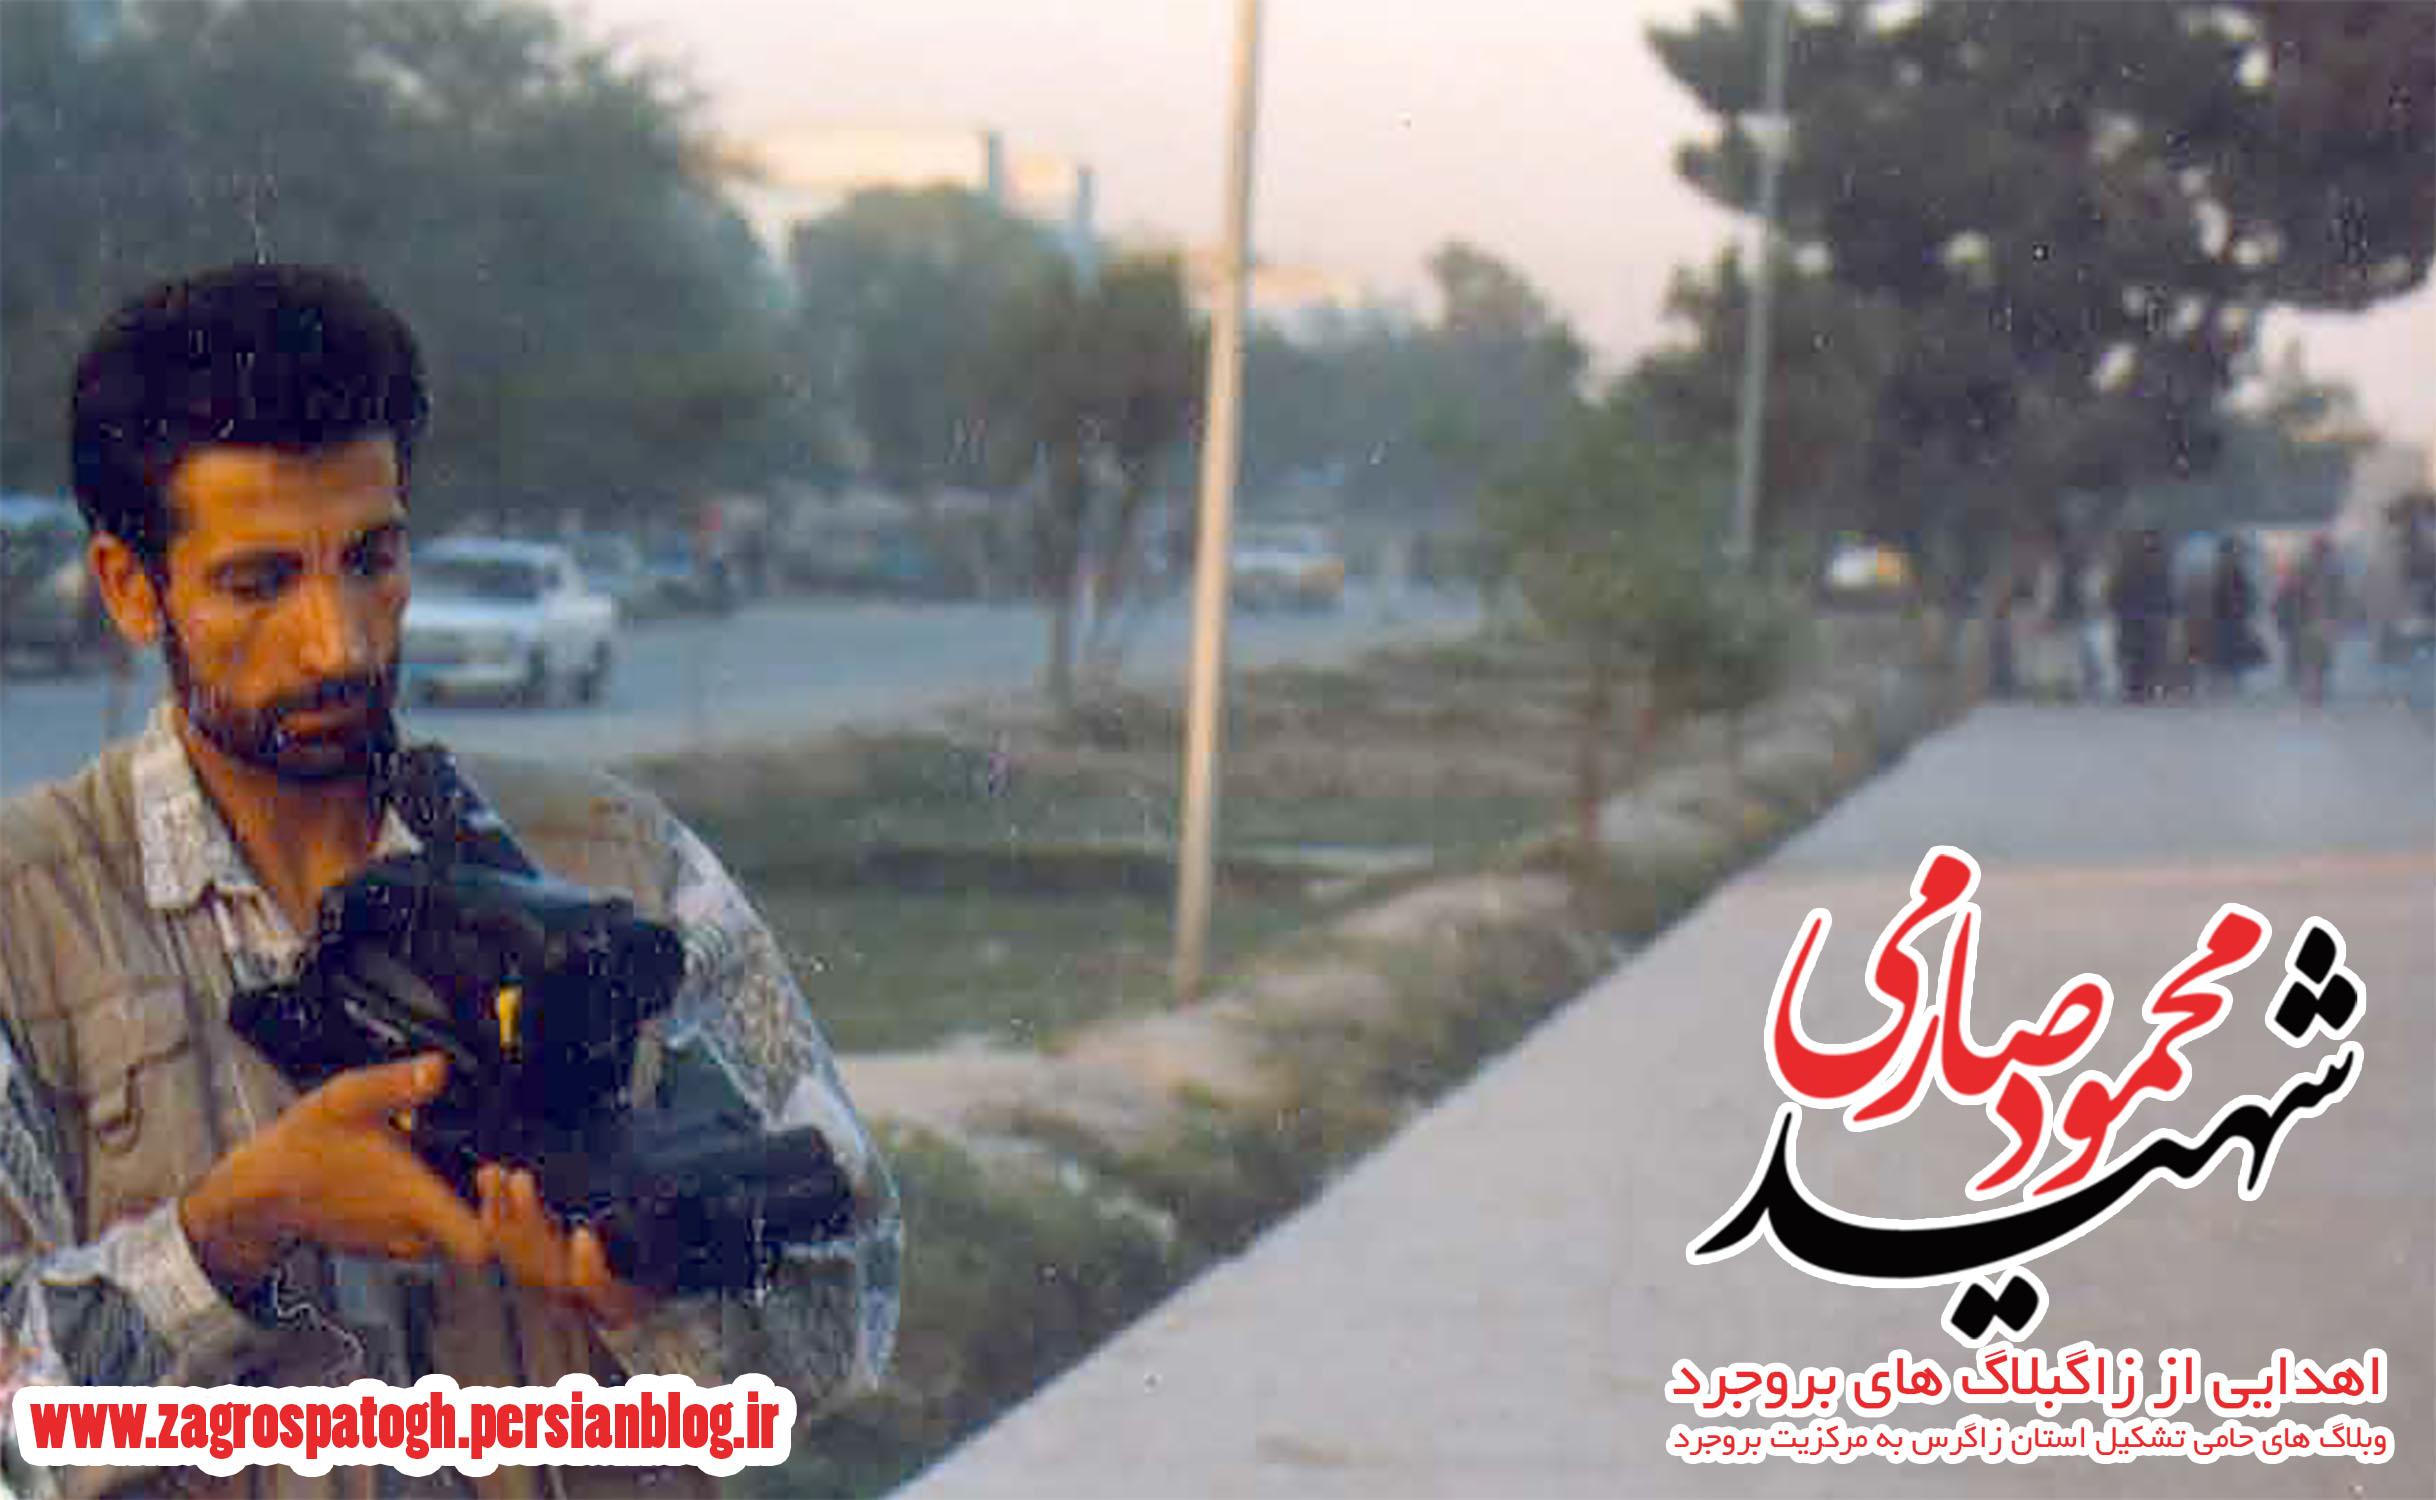 آخرین تصویر از خبرنگار شهید محمود صارمی